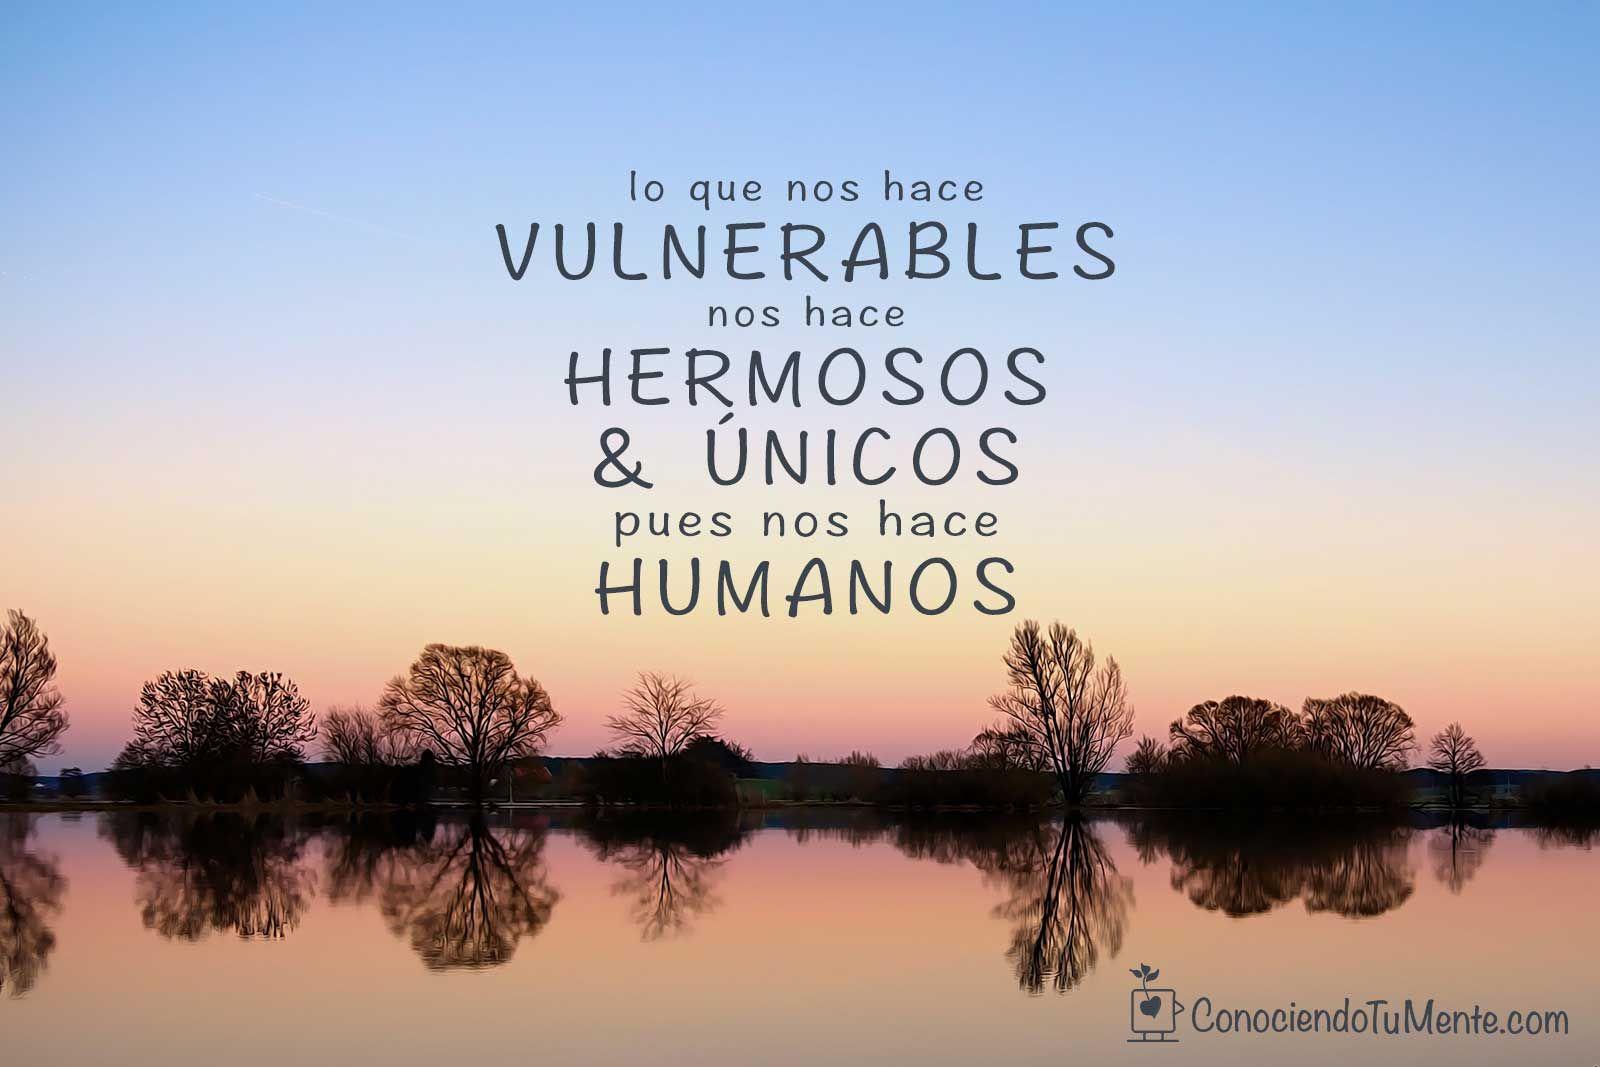 La #vulnerabilidad suena como la verdad y se siente como coraje. La verdad y